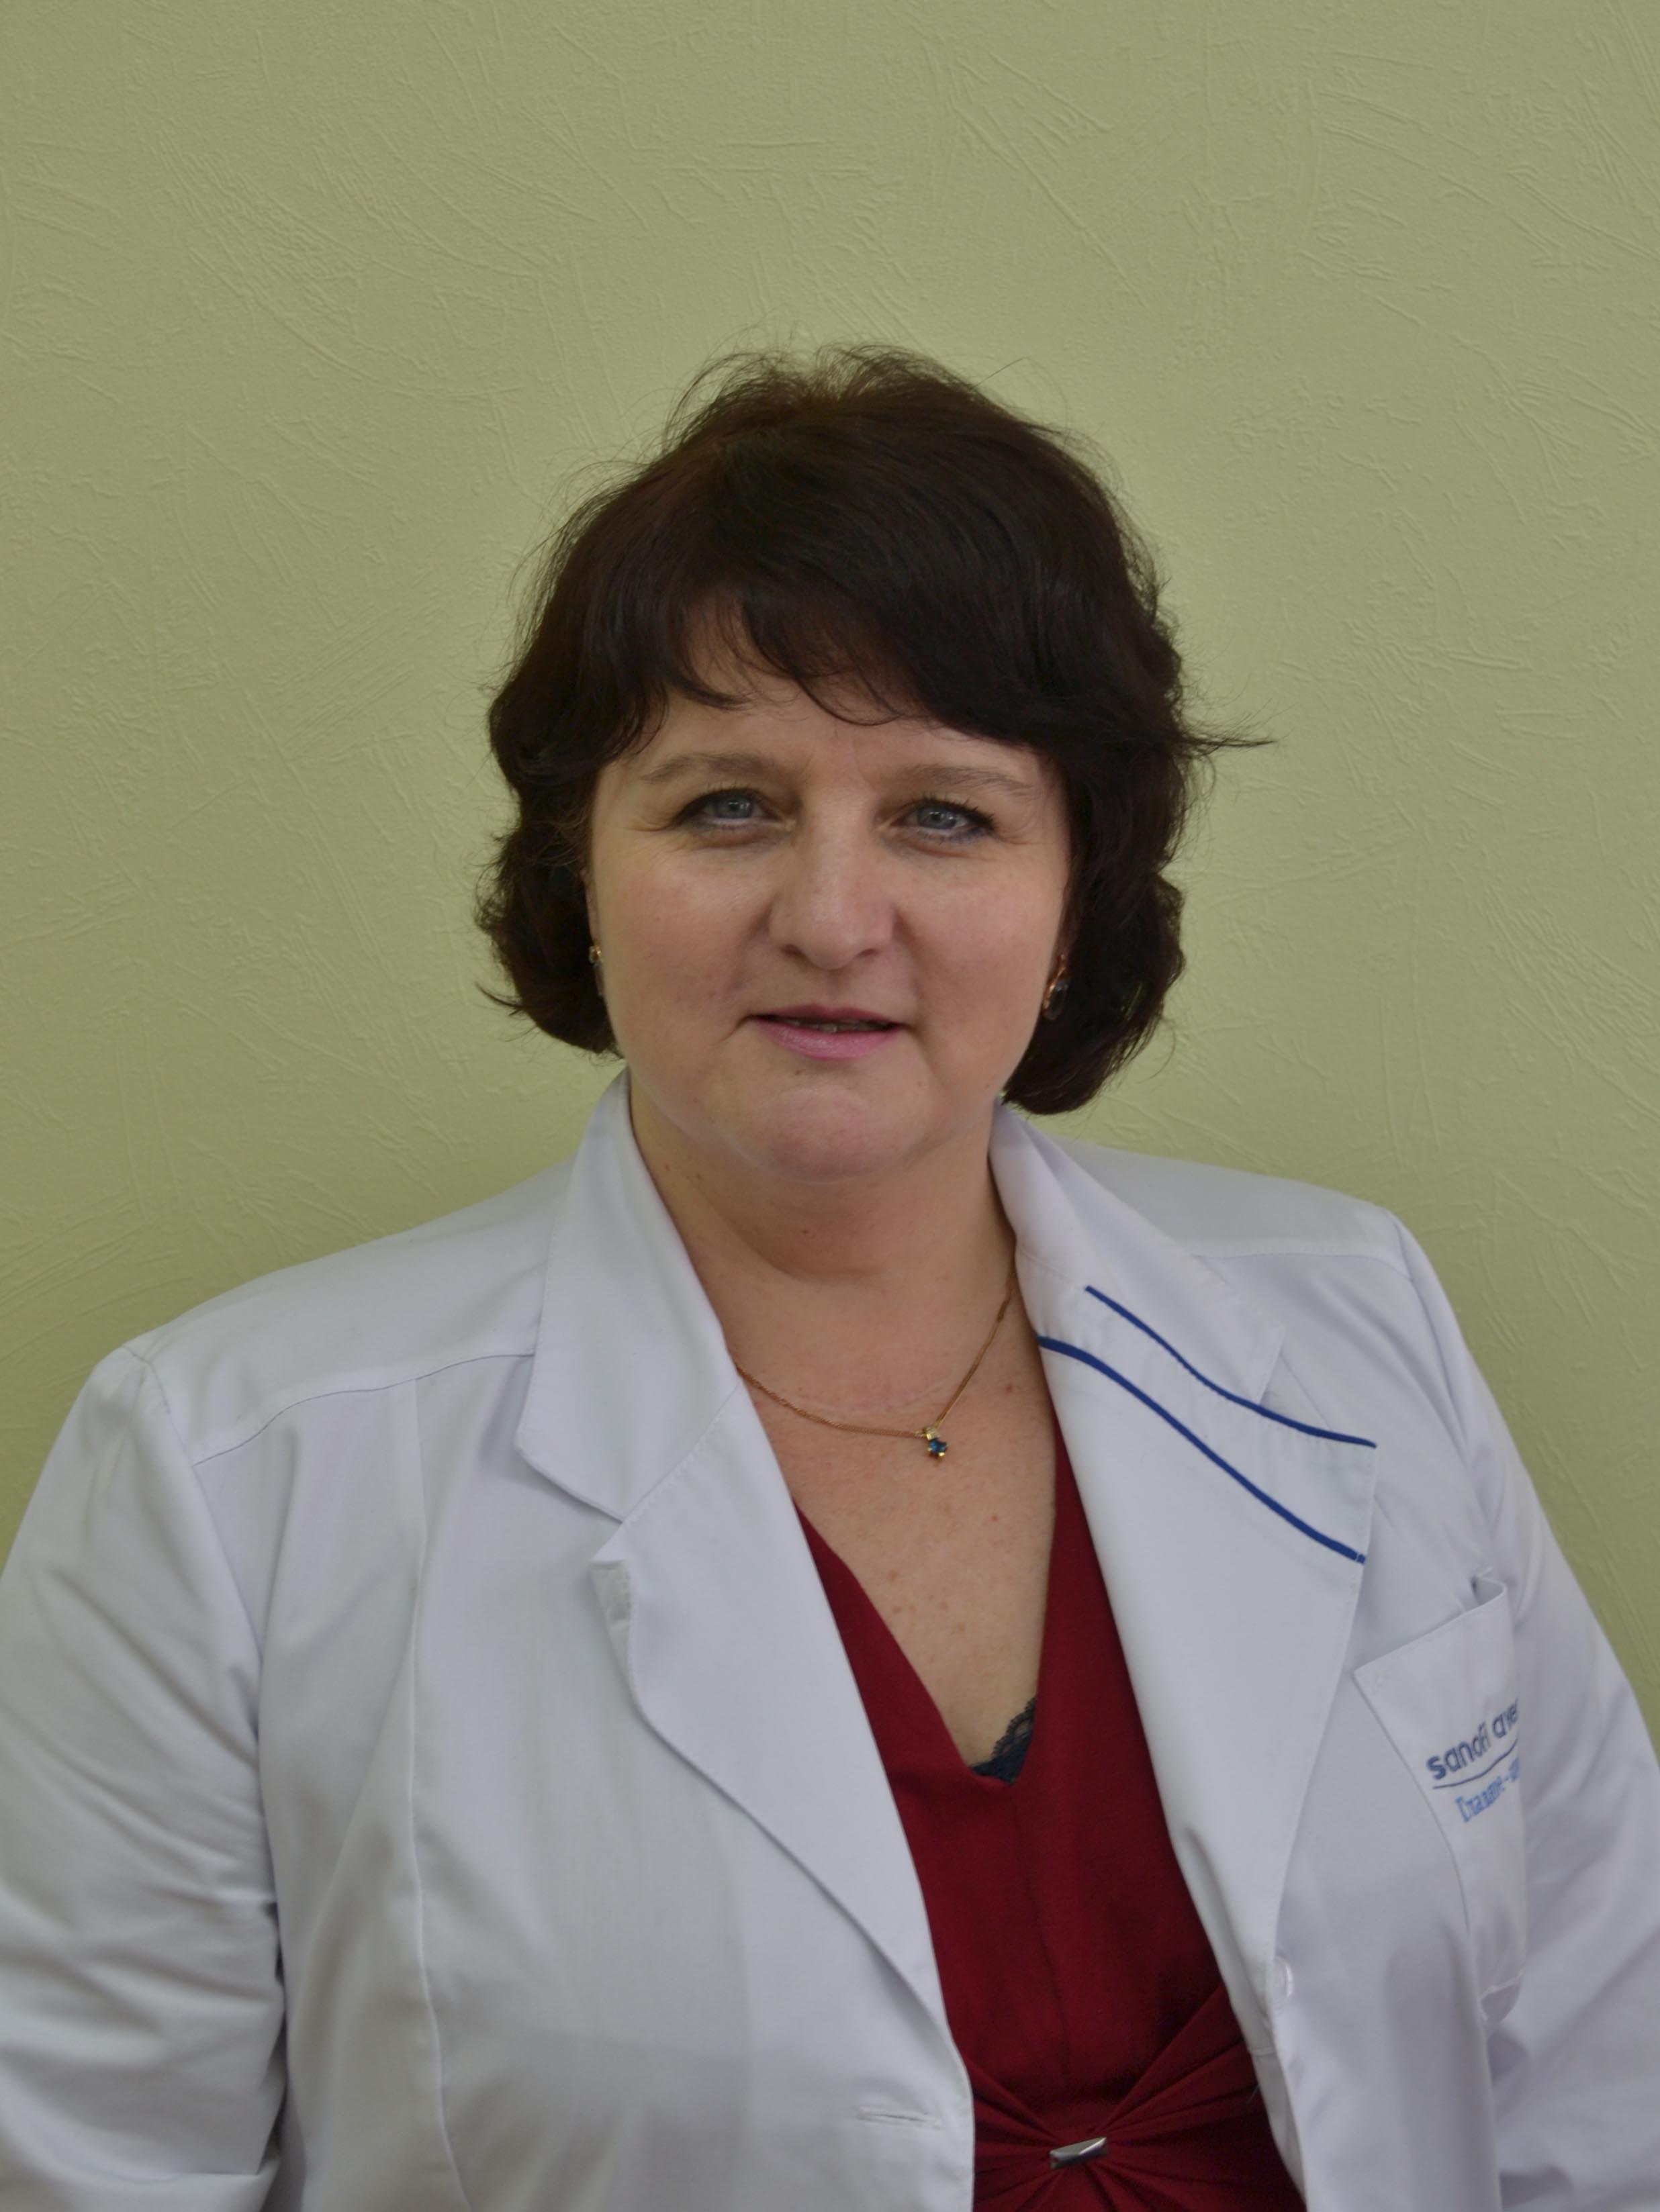 Костромская областная больница глазное отделение